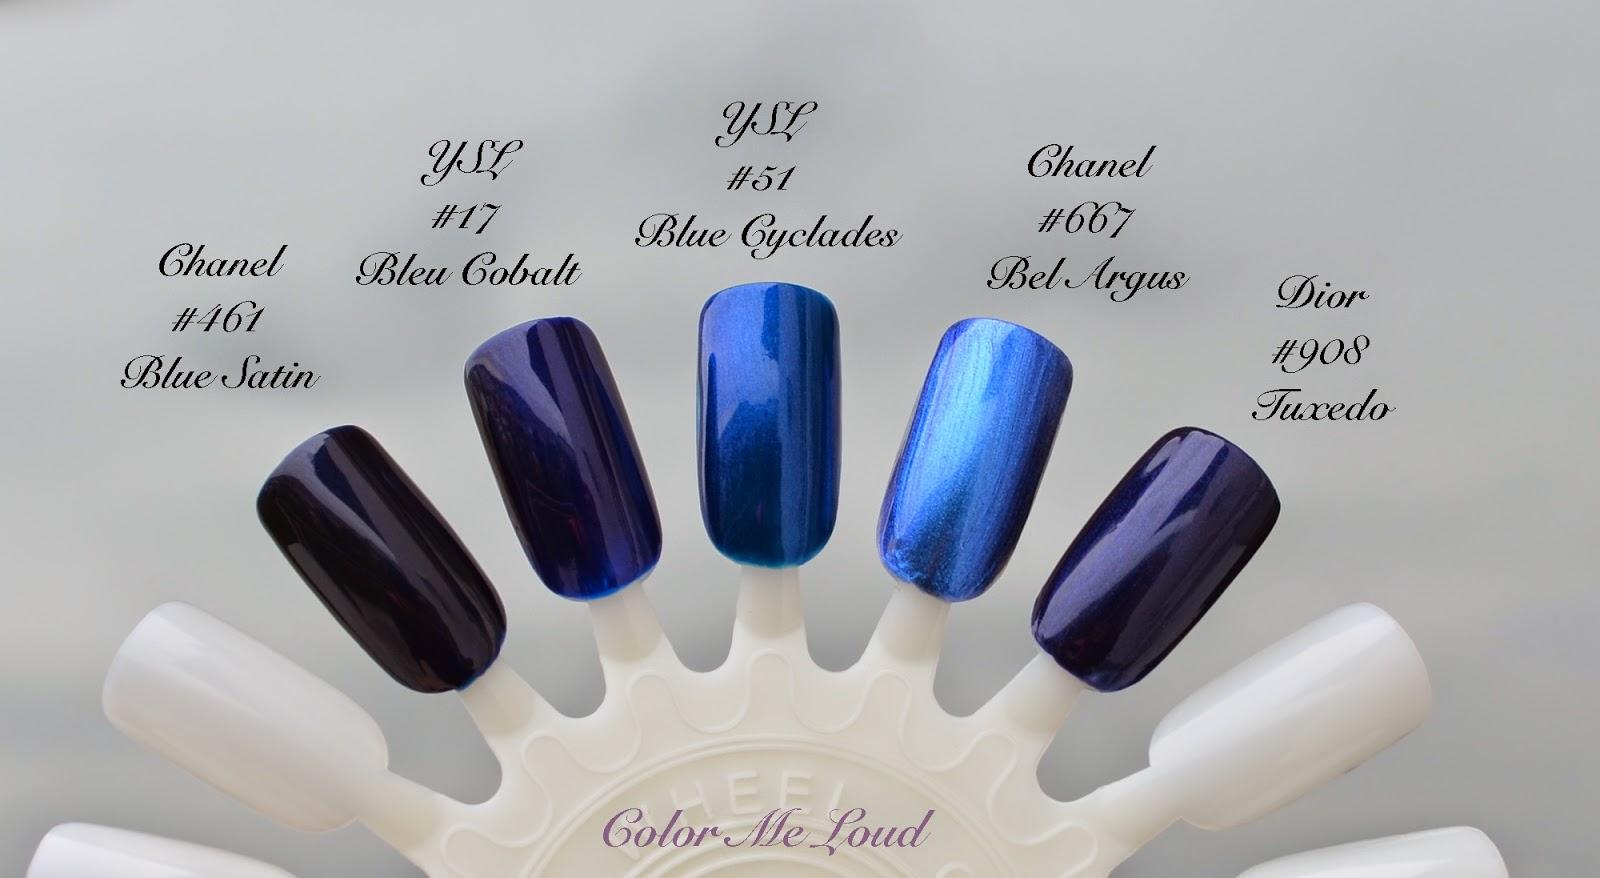 Yves Saint Laurent La Laque Couture 50 Bleu Celadon 51 Bleu Cyclades For Bleus Lumiere Summer